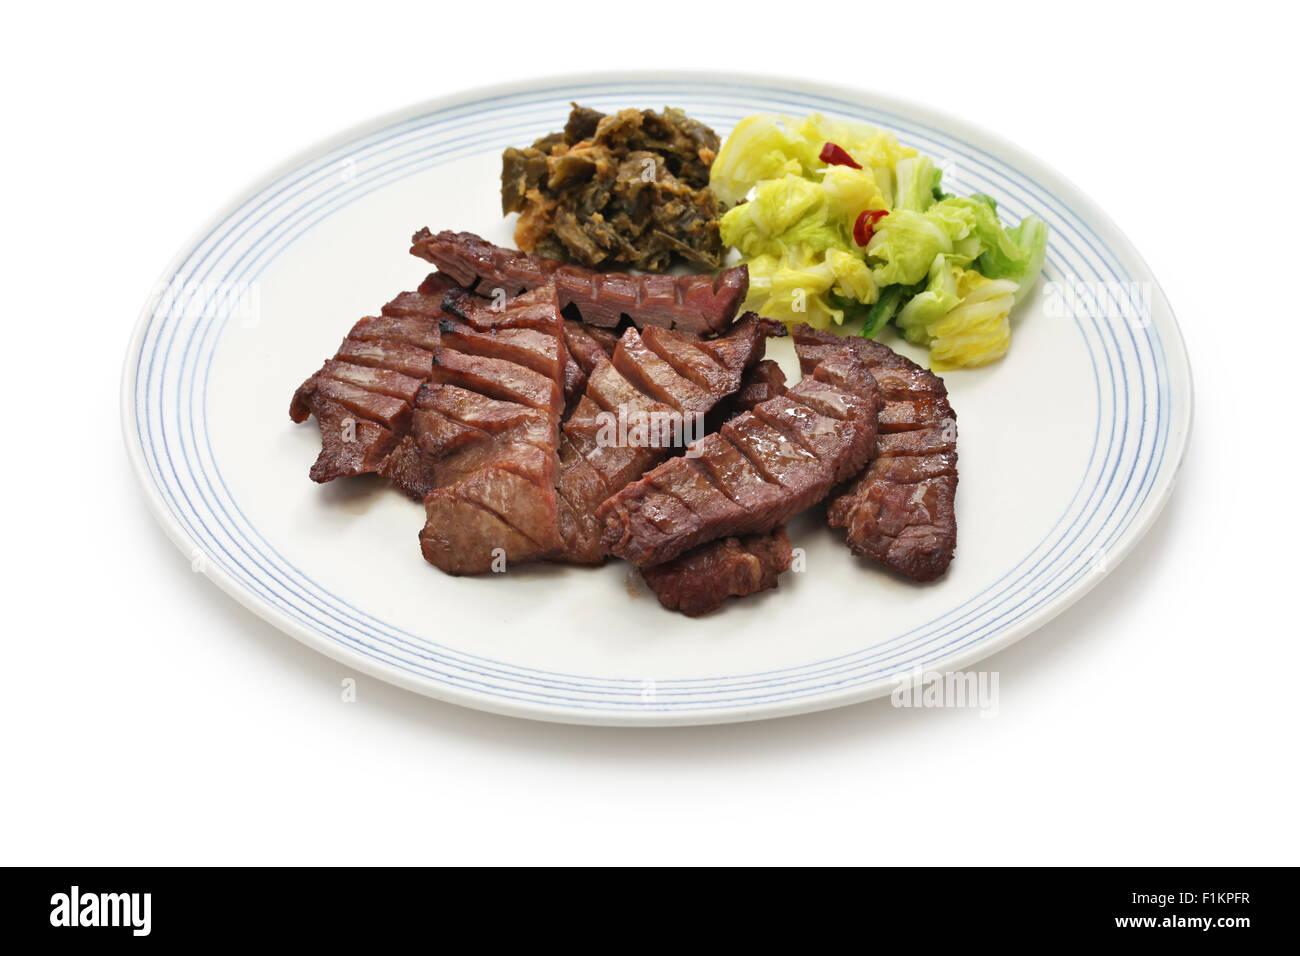 La langue de boeuf barbecue lave, nourriture japonaise isolé sur fond blanc Photo Stock